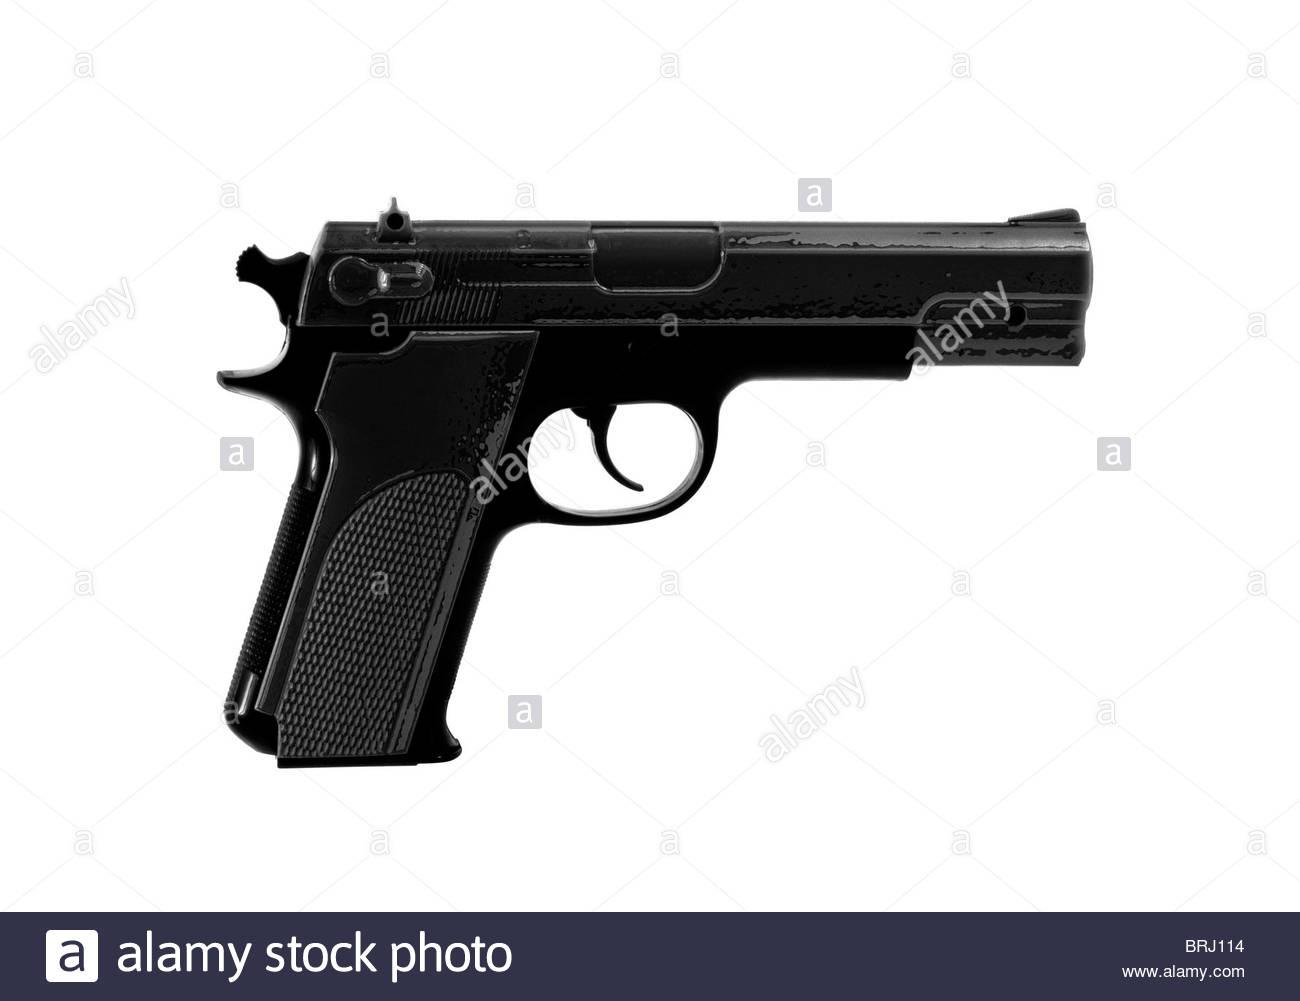 hand gun - Stock Image